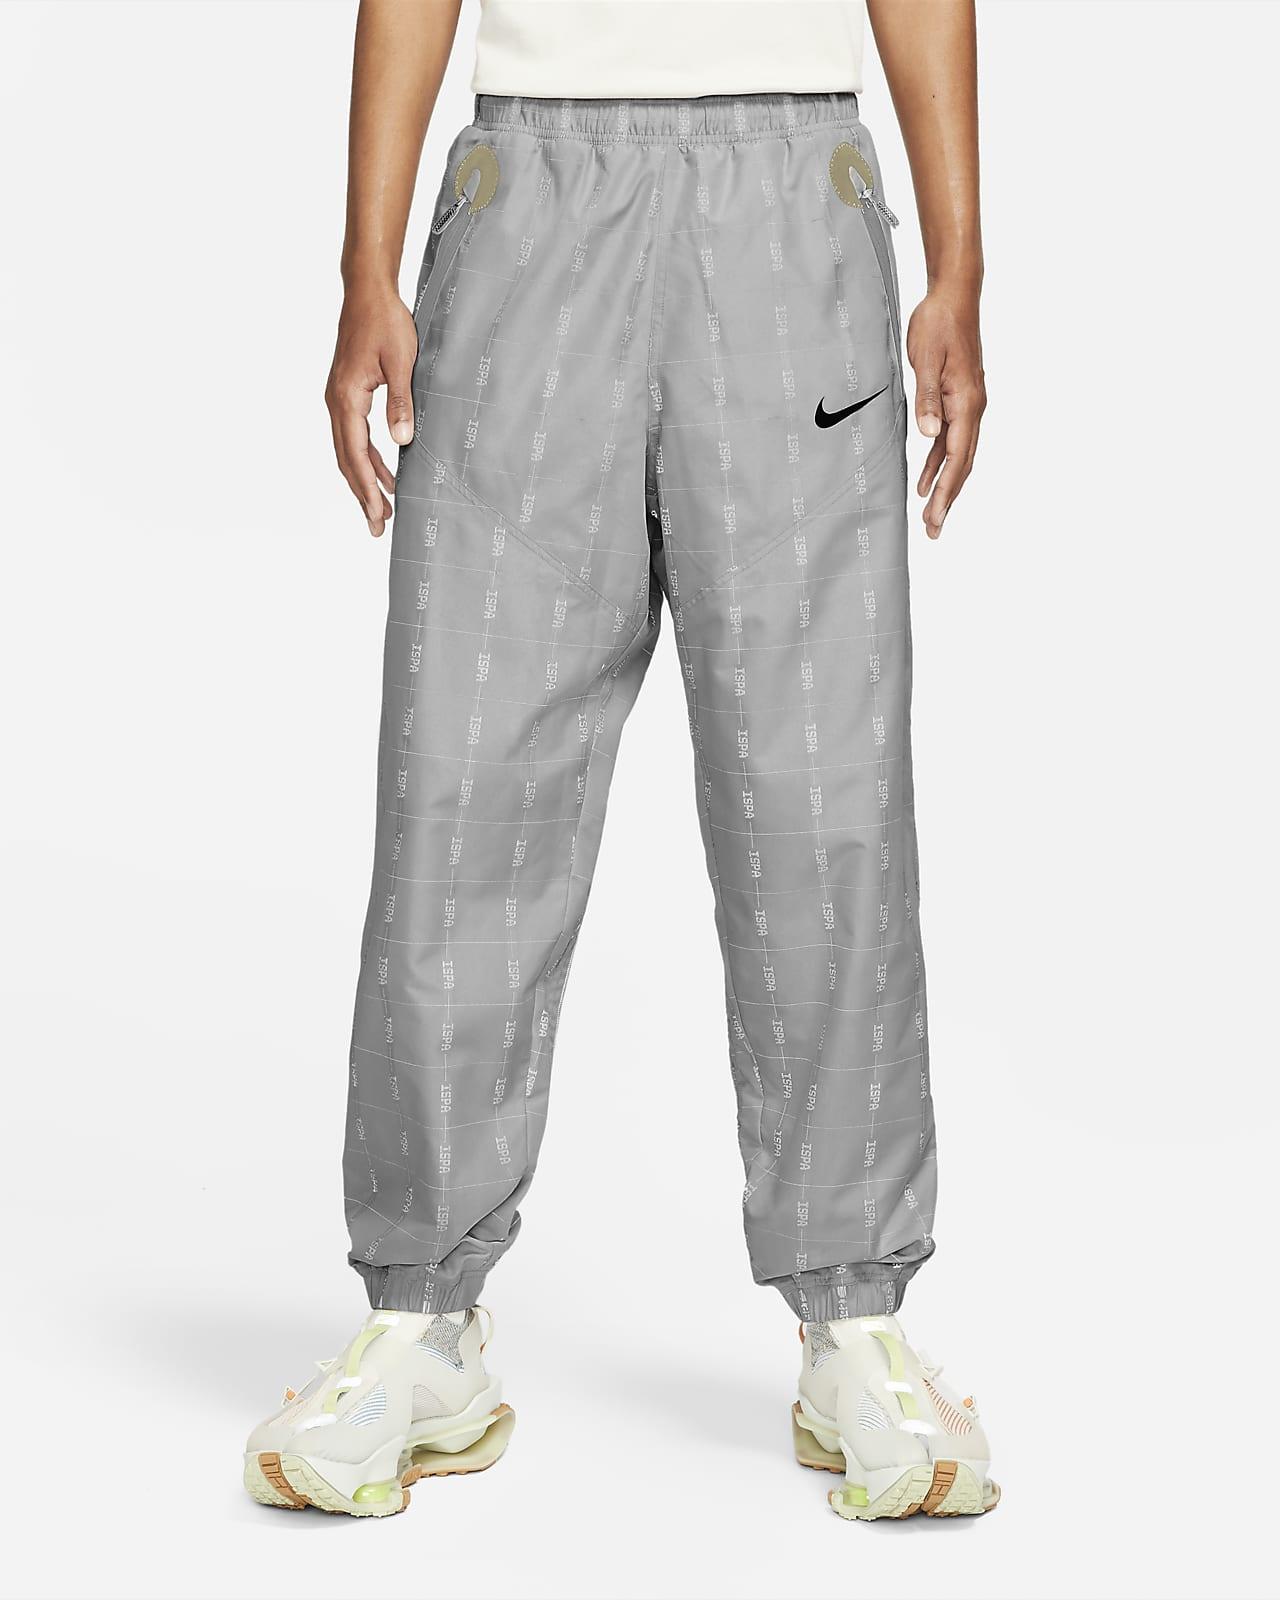 กางเกงขายาวปรับได้ Nike iSPA